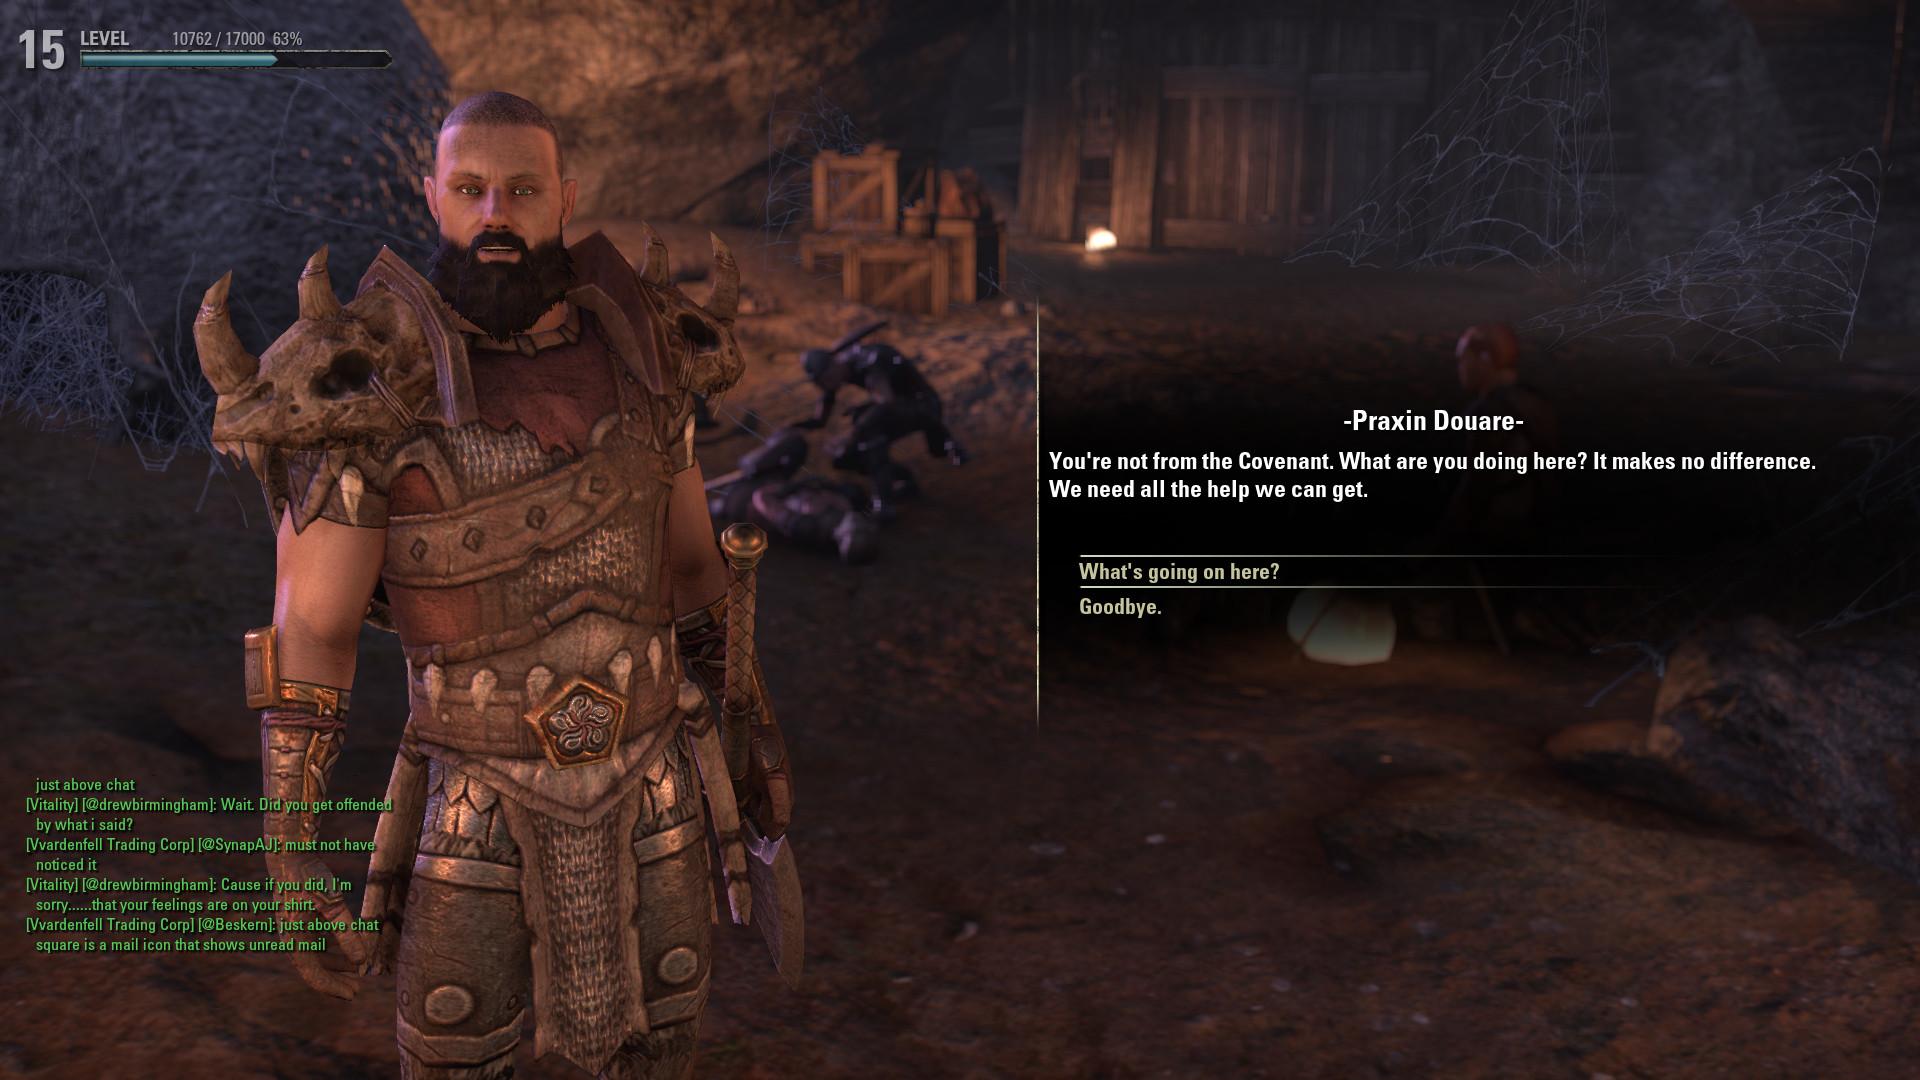 from Romeo elder scrolls online dungeon matchmaking